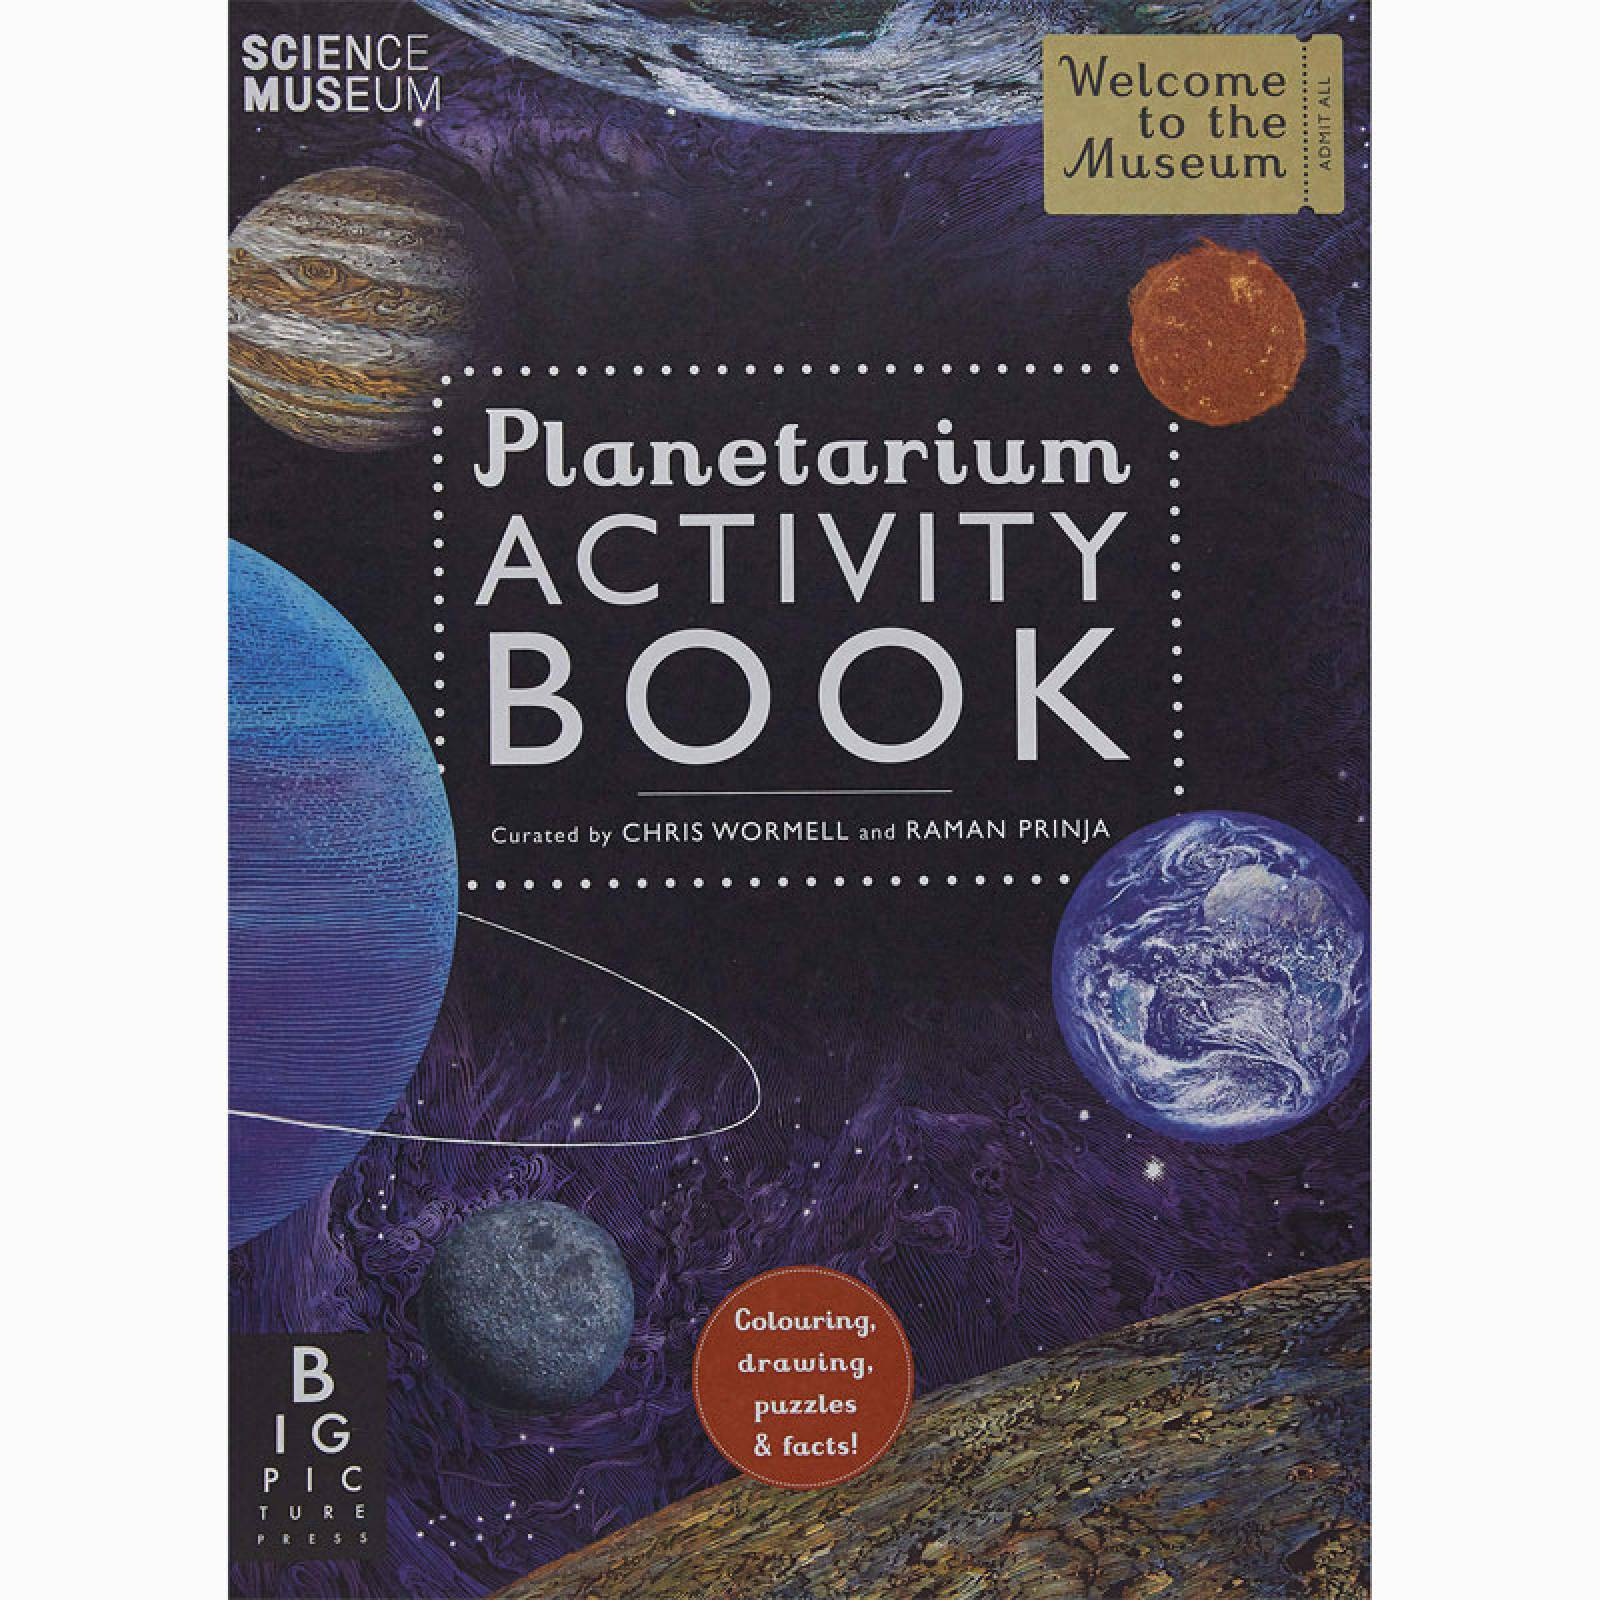 Planetarium - Activity Book